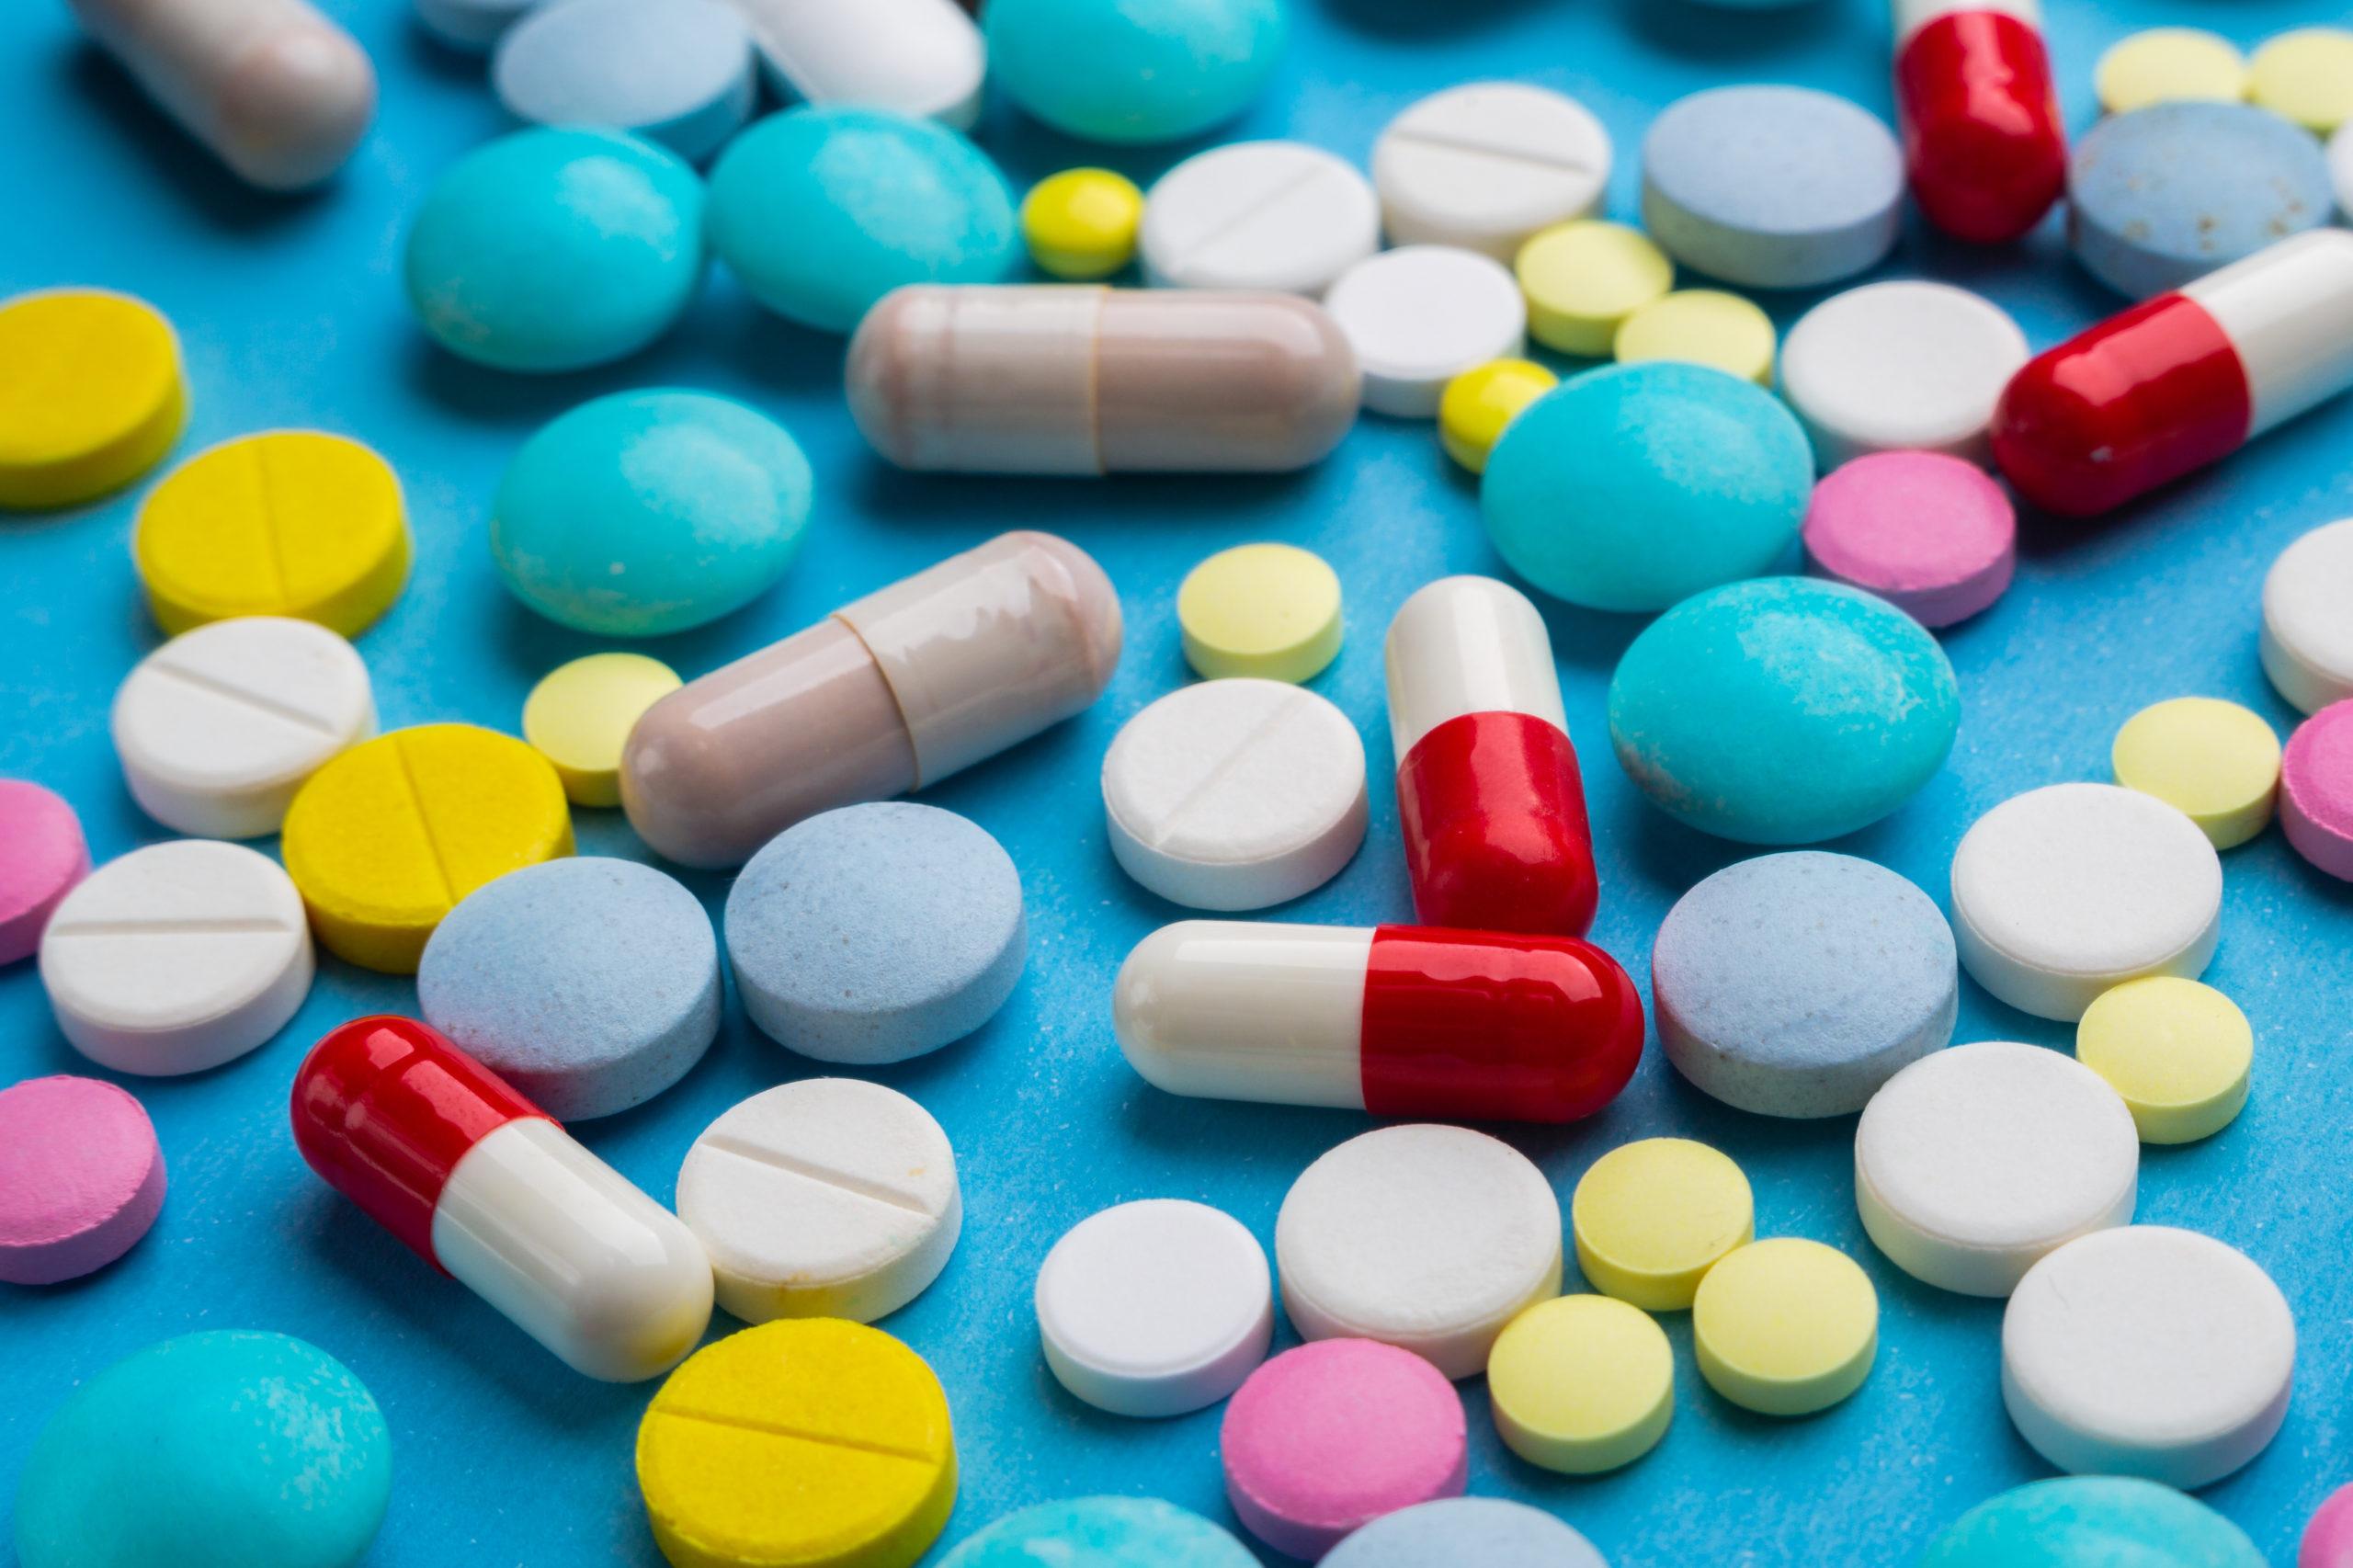 Estamos abusando de los antibióticos: ¿cuáles son las consecuencias?